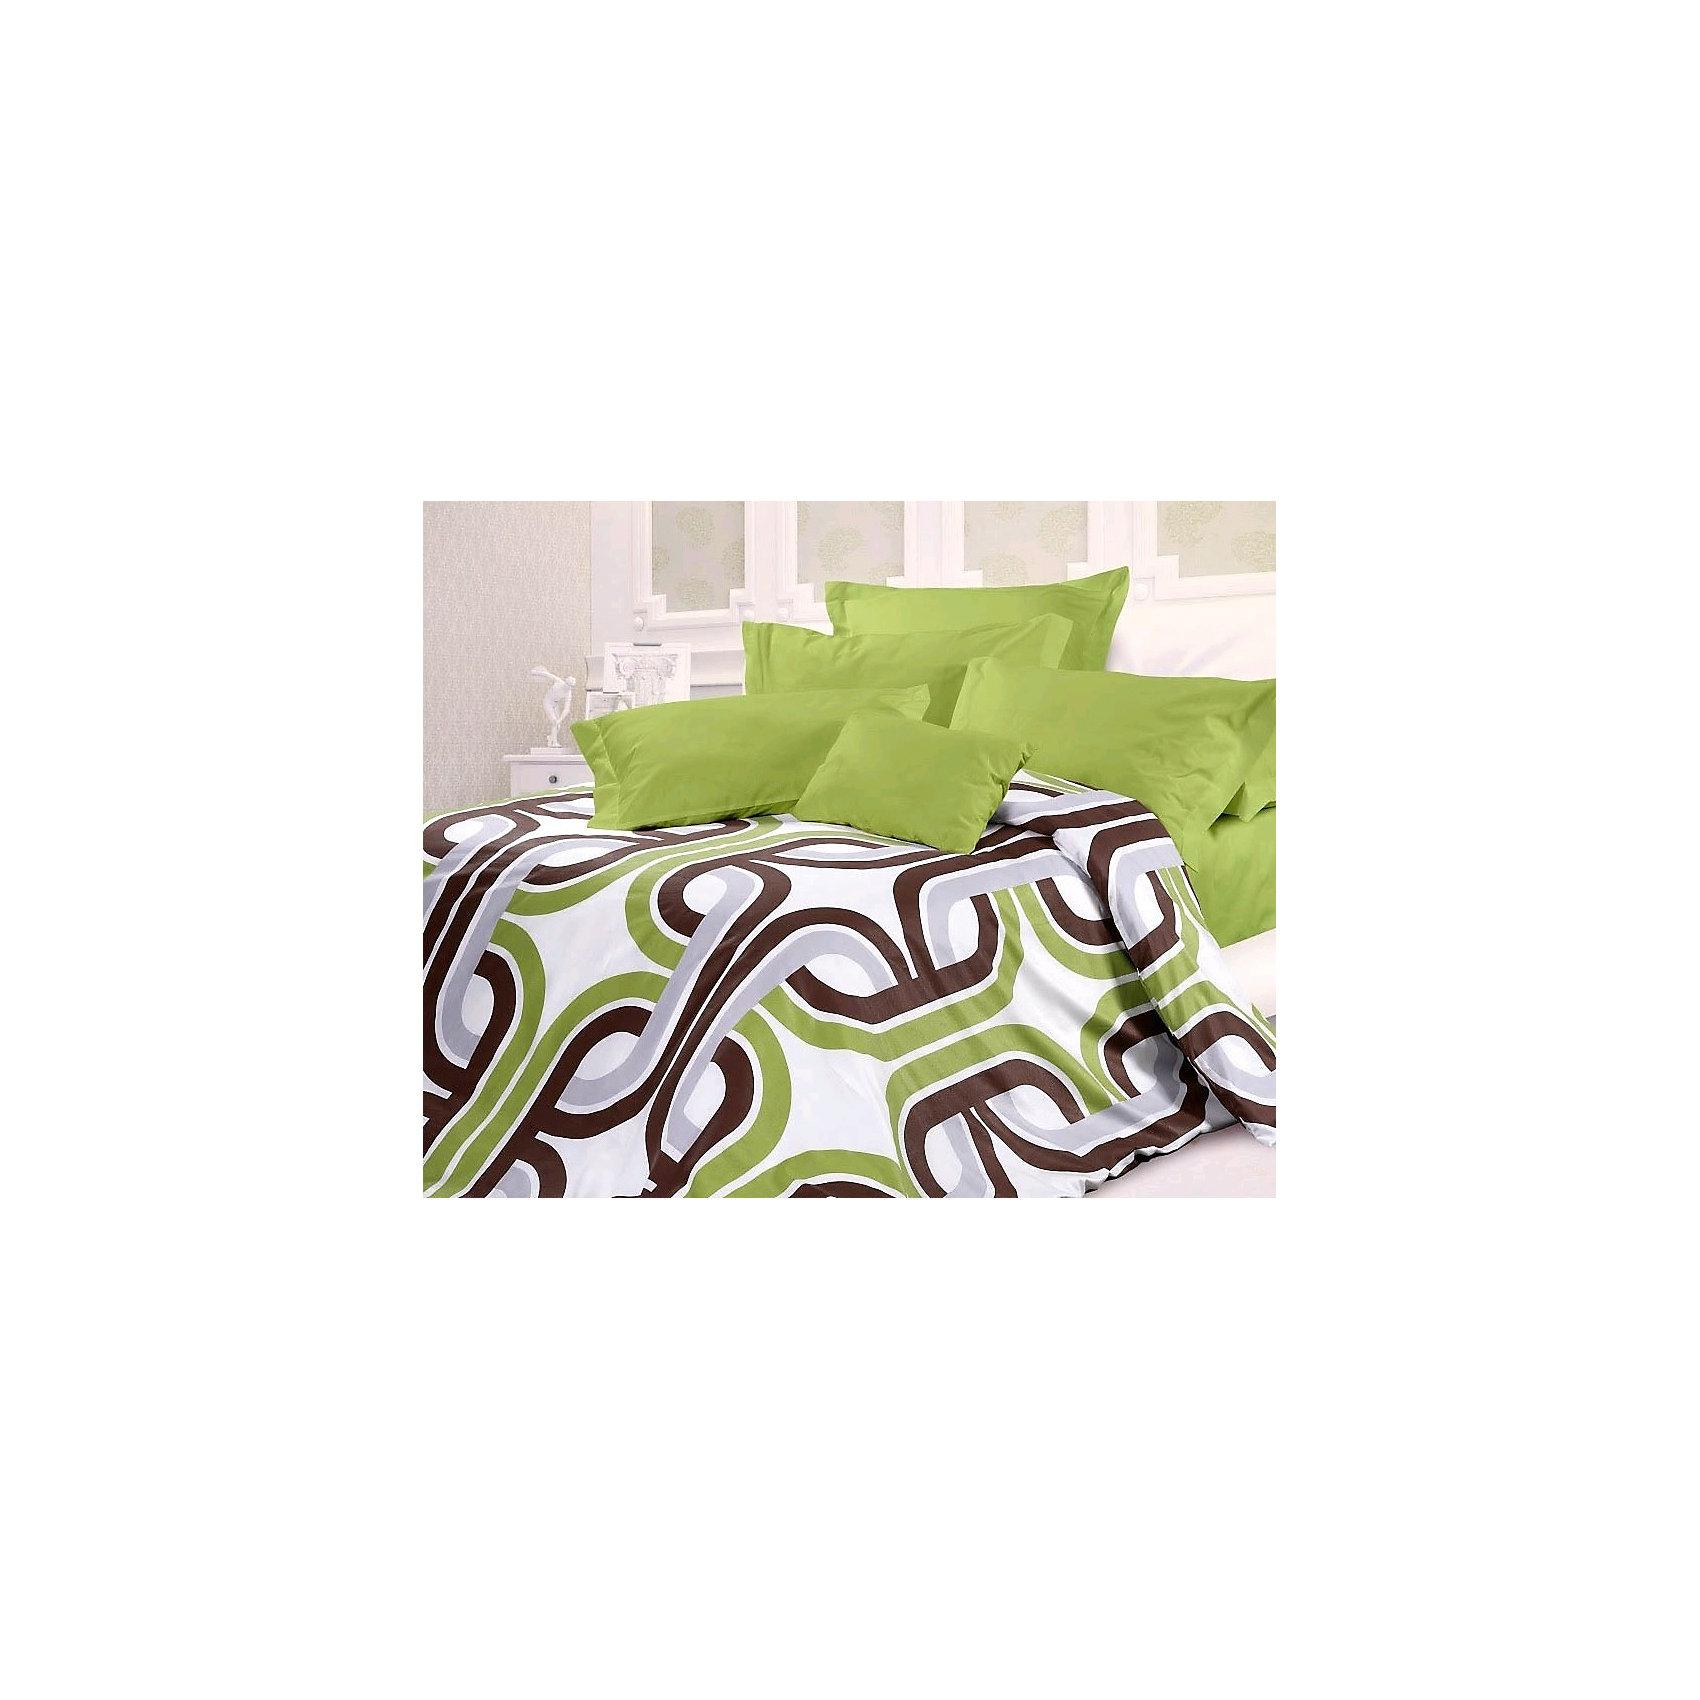 Постельное белье 1,5 сп. Антуан, Унисон биоматинДомашний текстиль<br>Характеристики 1,5 спального комплекта постельного белья   Антуан  серии  Унисон:<br> <br>- производитель: Неотек<br>- материал: биоматин<br>- состав: 100% хлопок<br>- размер комплекта: полутораспальный<br>- размер пододеяльника: 215*145 см.<br>- размер простыни: 220*150 см.<br>- размер наволочек: 70*70 (2 шт)<br>- упаковка комплекта: книжка пвх<br>- страна бренда: Россия<br>- страна производитель: Россия<br><br>Комплект 1,5 спального постельного белья Антуан серии Unison  (Унисон)    отличается высоким качеством тканей (биоматин) и европейским дизайном. Спокойные и в то же время изысканные тона не оставят Вас равнодушным. Ткань под названием биоматин появилась сравнительно недавно. Сразу хочется отметить, что это разновидность хлопковой ткани с очень плотным плетением до 250 нитей на см2.  При производстве волокно обрабатывается специальным гипоаллергенным кремом, поэтому не вызовет неприятных раздражений и подойдет в том числе и для детей.<br><br>Комплекта постельного белья   Антуан  серии Унисон можно купить в нашем интернет-магазине.<br><br>Ширина мм: 370<br>Глубина мм: 70<br>Высота мм: 370<br>Вес г: 1400<br>Возраст от месяцев: 36<br>Возраст до месяцев: 216<br>Пол: Унисекс<br>Возраст: Детский<br>SKU: 5100104